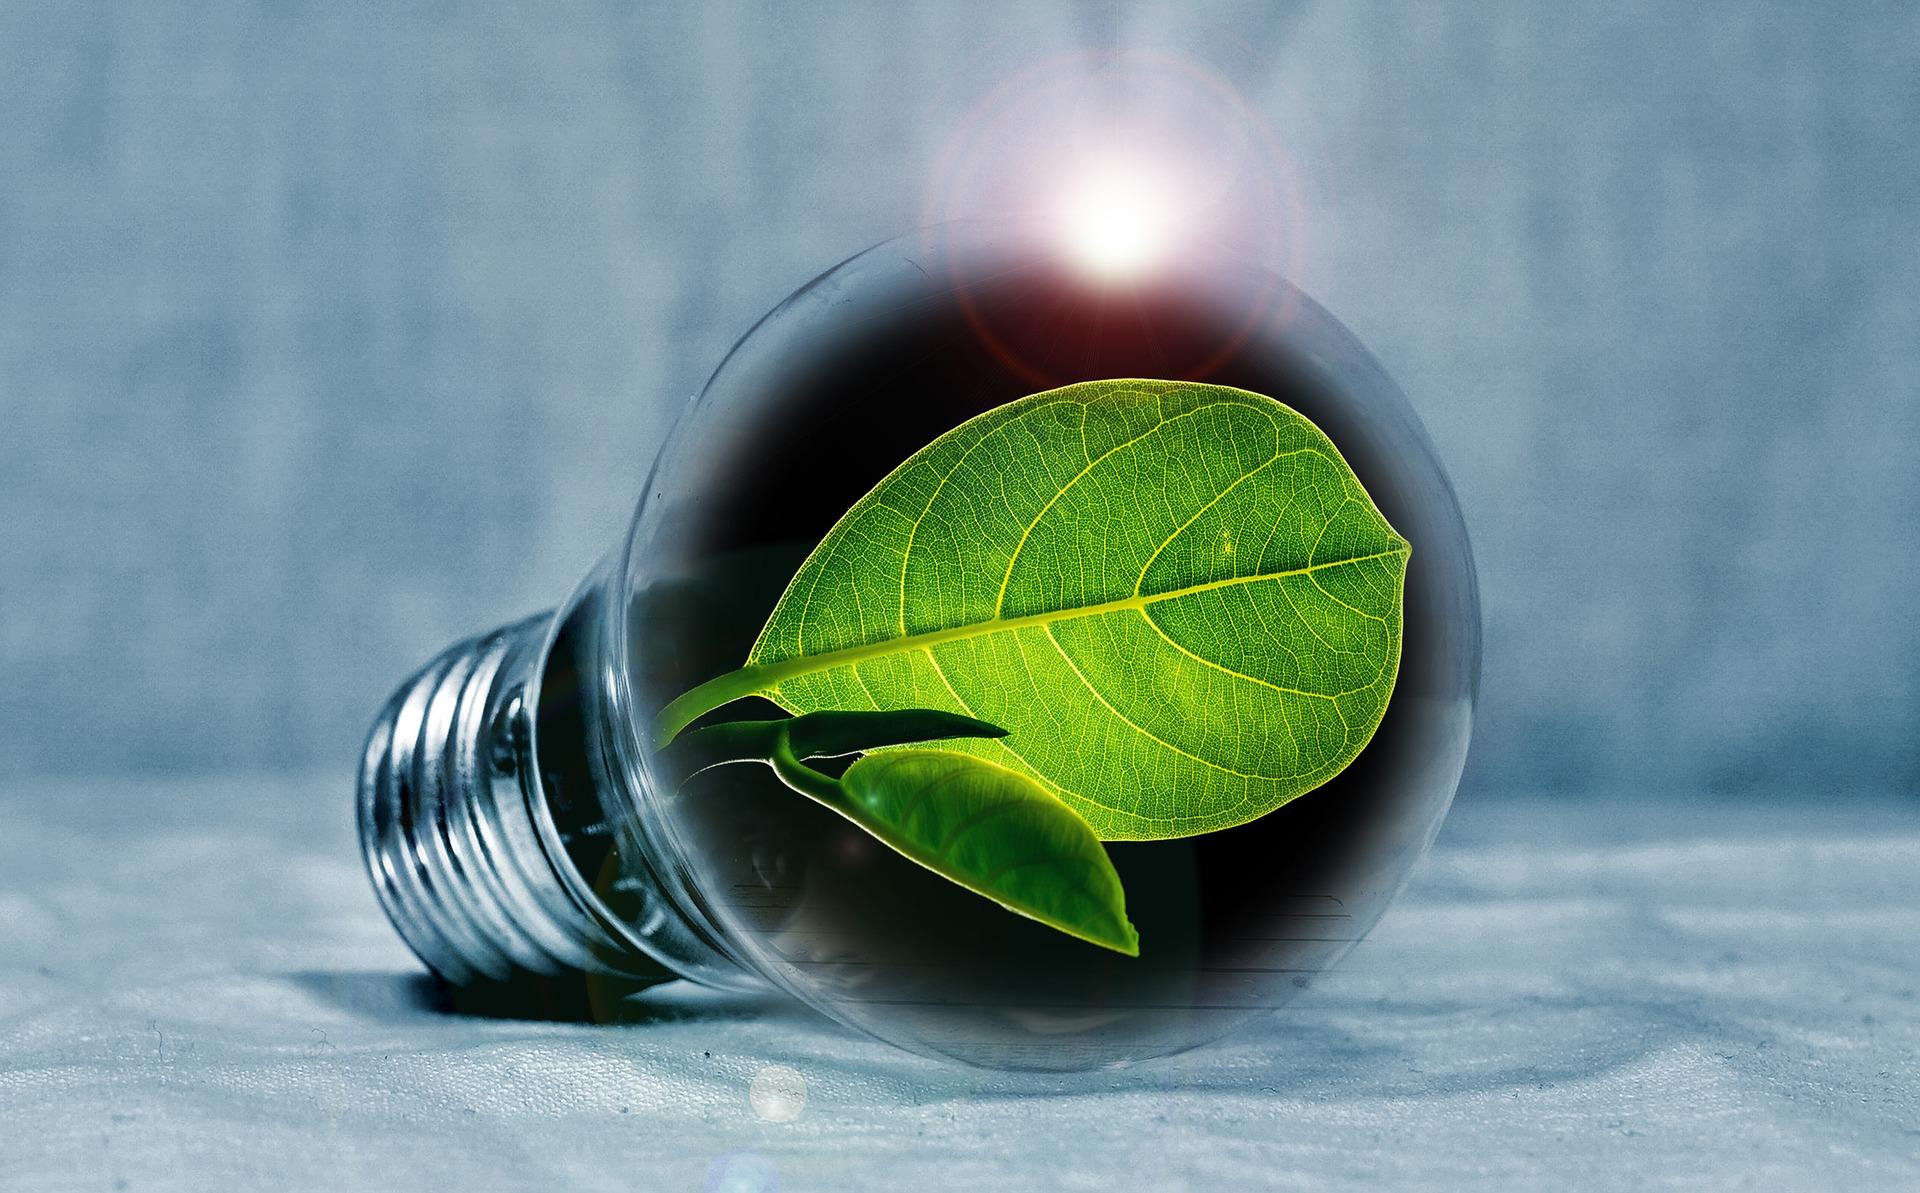 Illuminazione a led, responsabilità personale